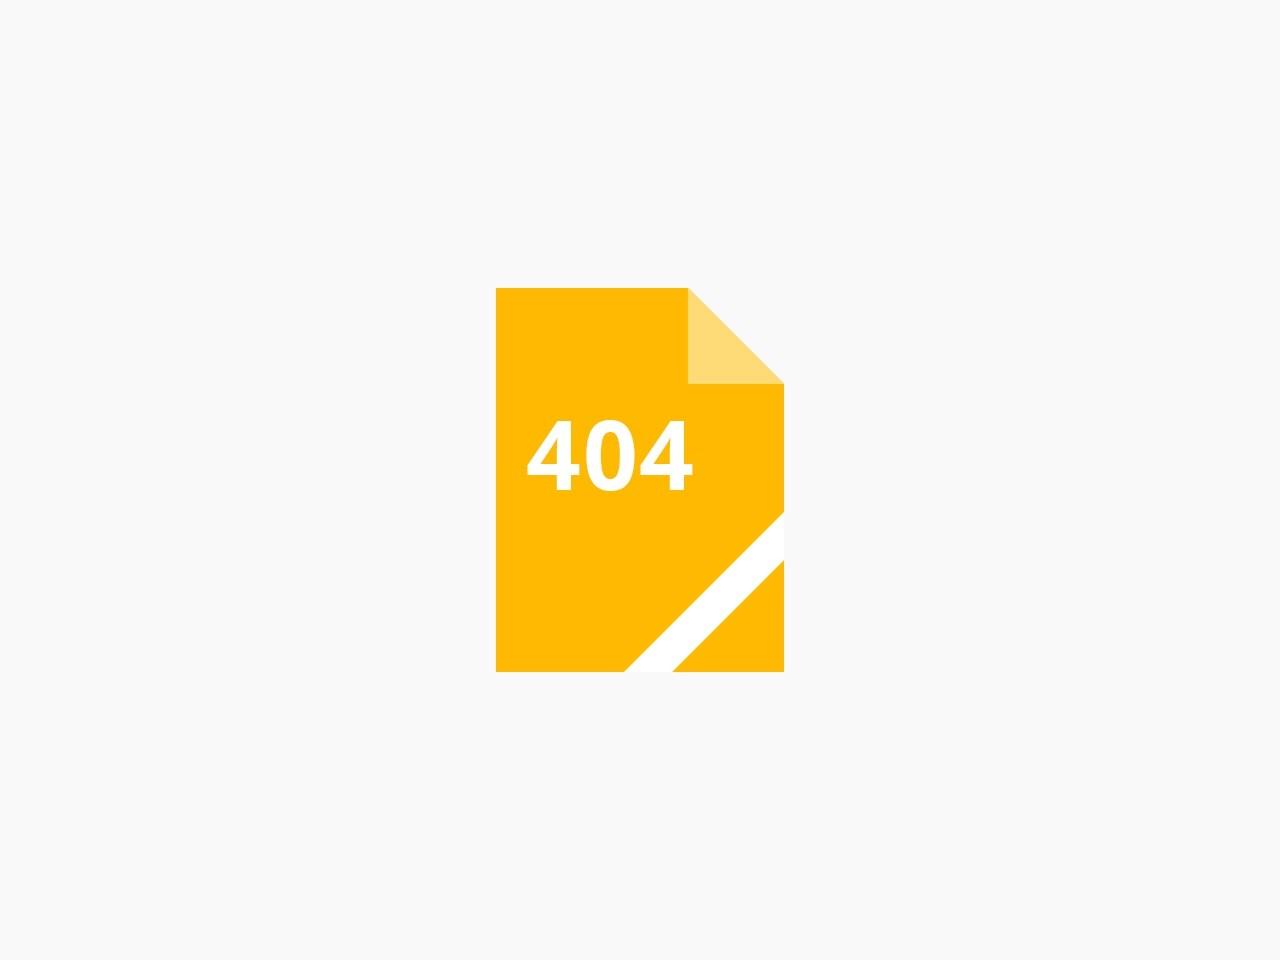 一个提供图片的网站,动植物,人物风景,节日绘画图片 - 366亿图网